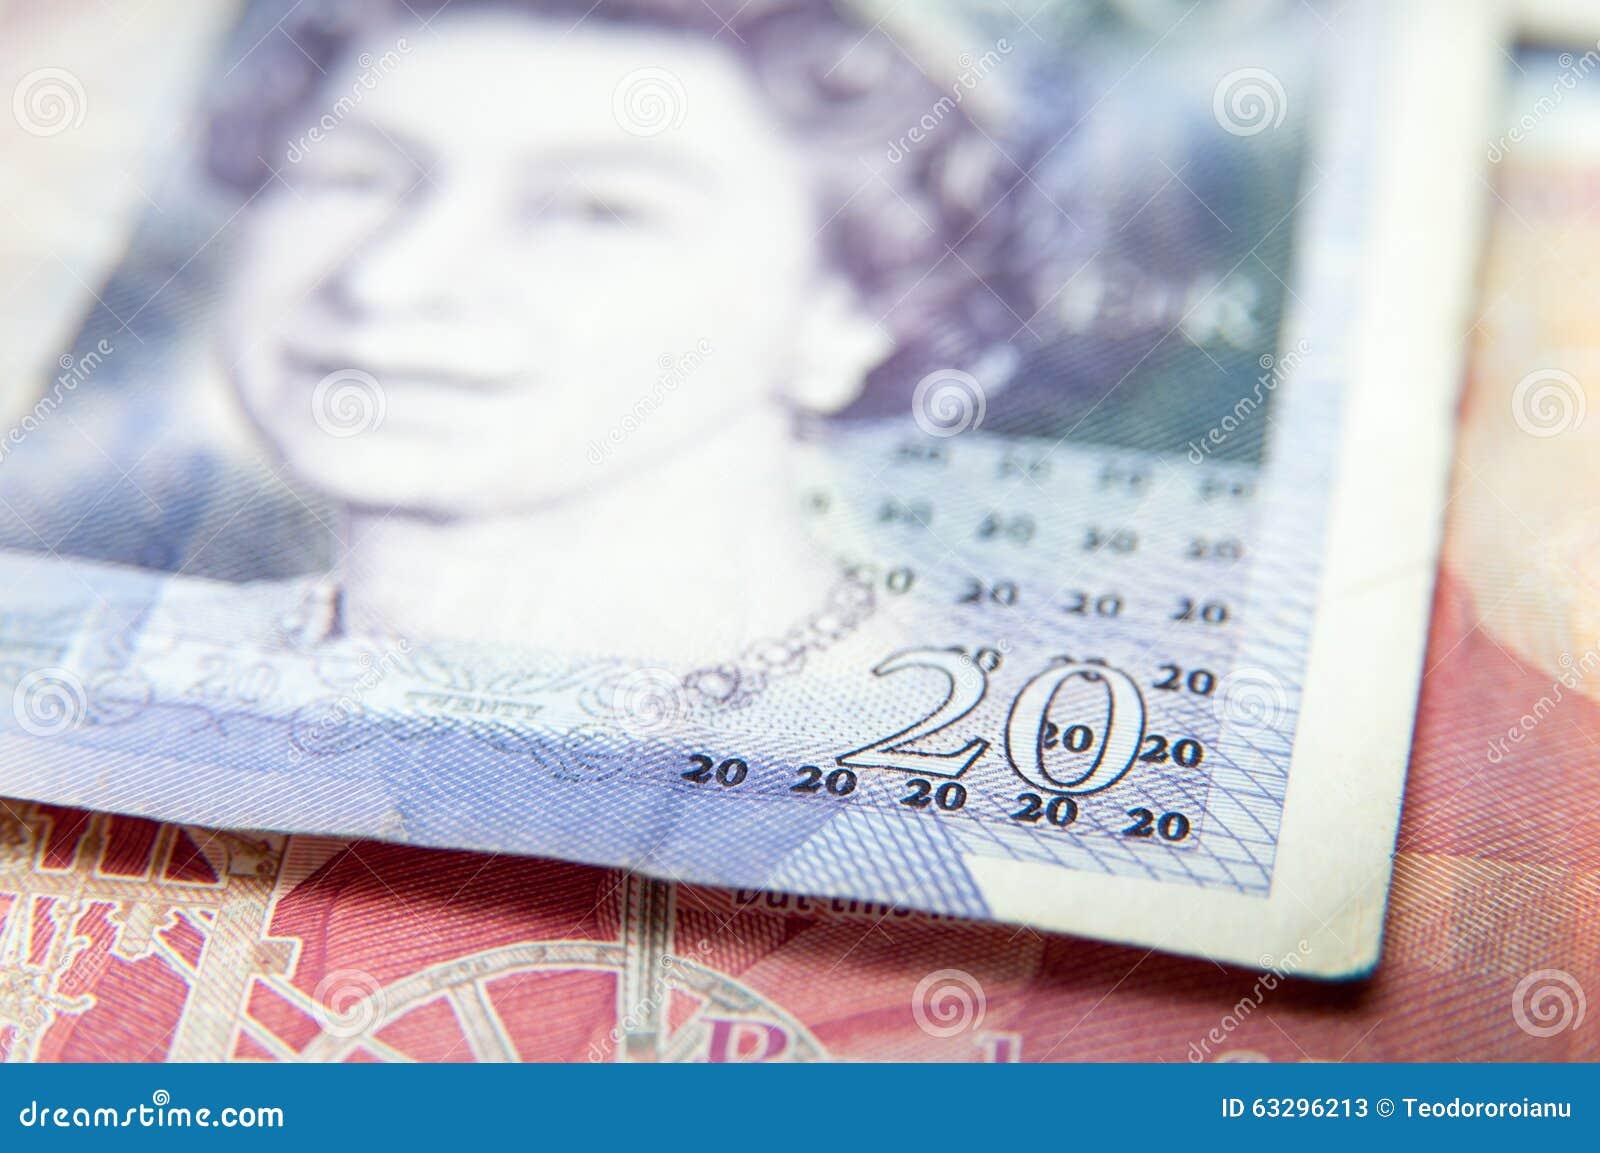 20 ponden rekenings